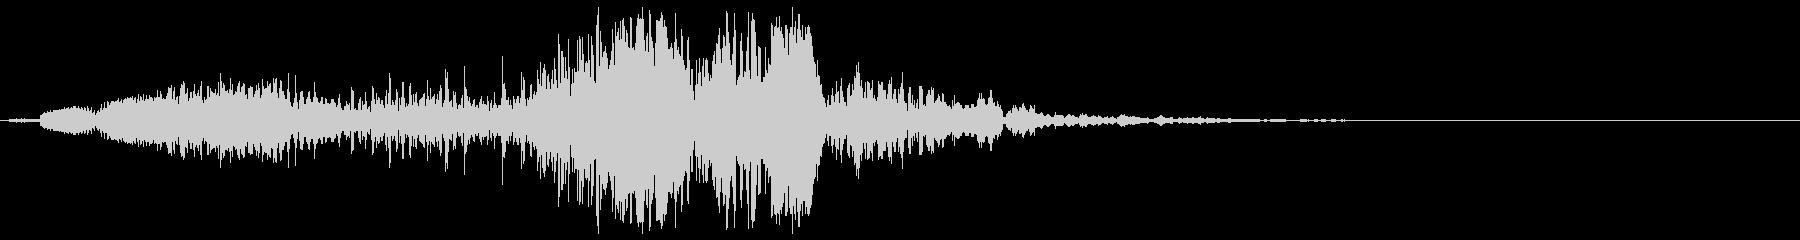 音の変化を楽しめるスペース音の未再生の波形